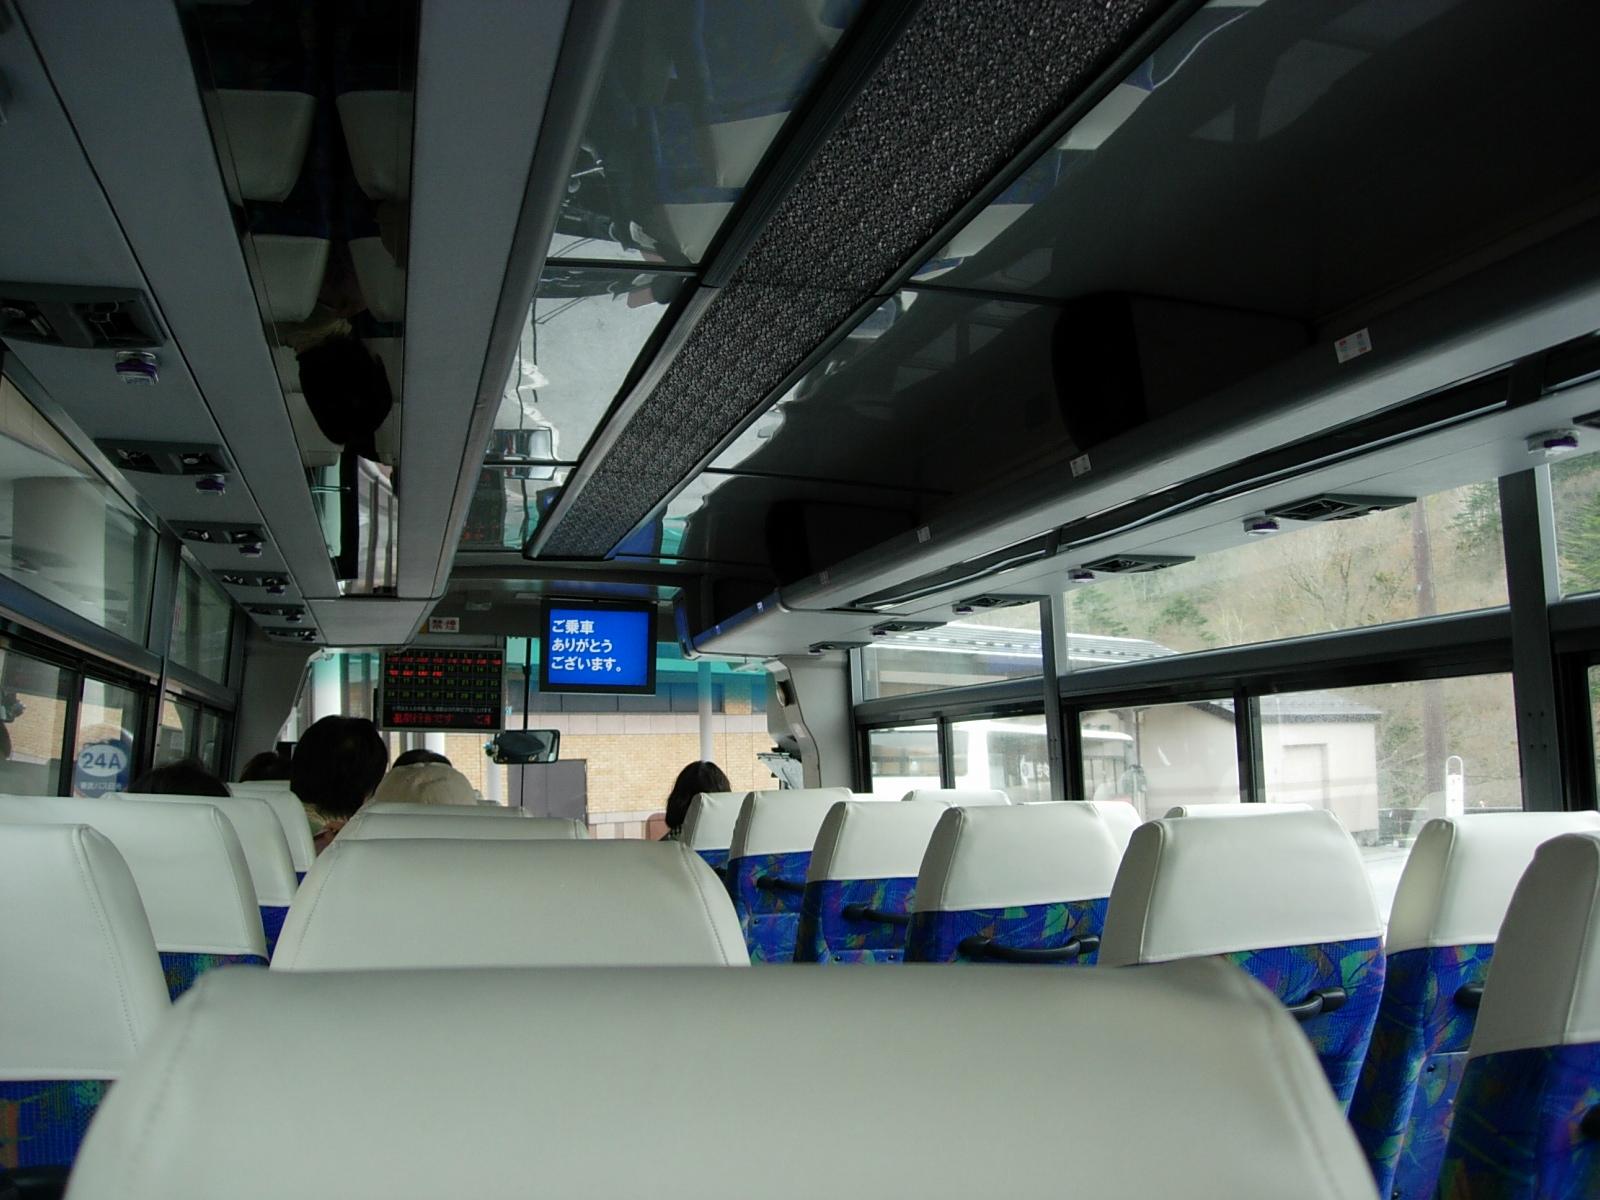 DSCN3957.JPG